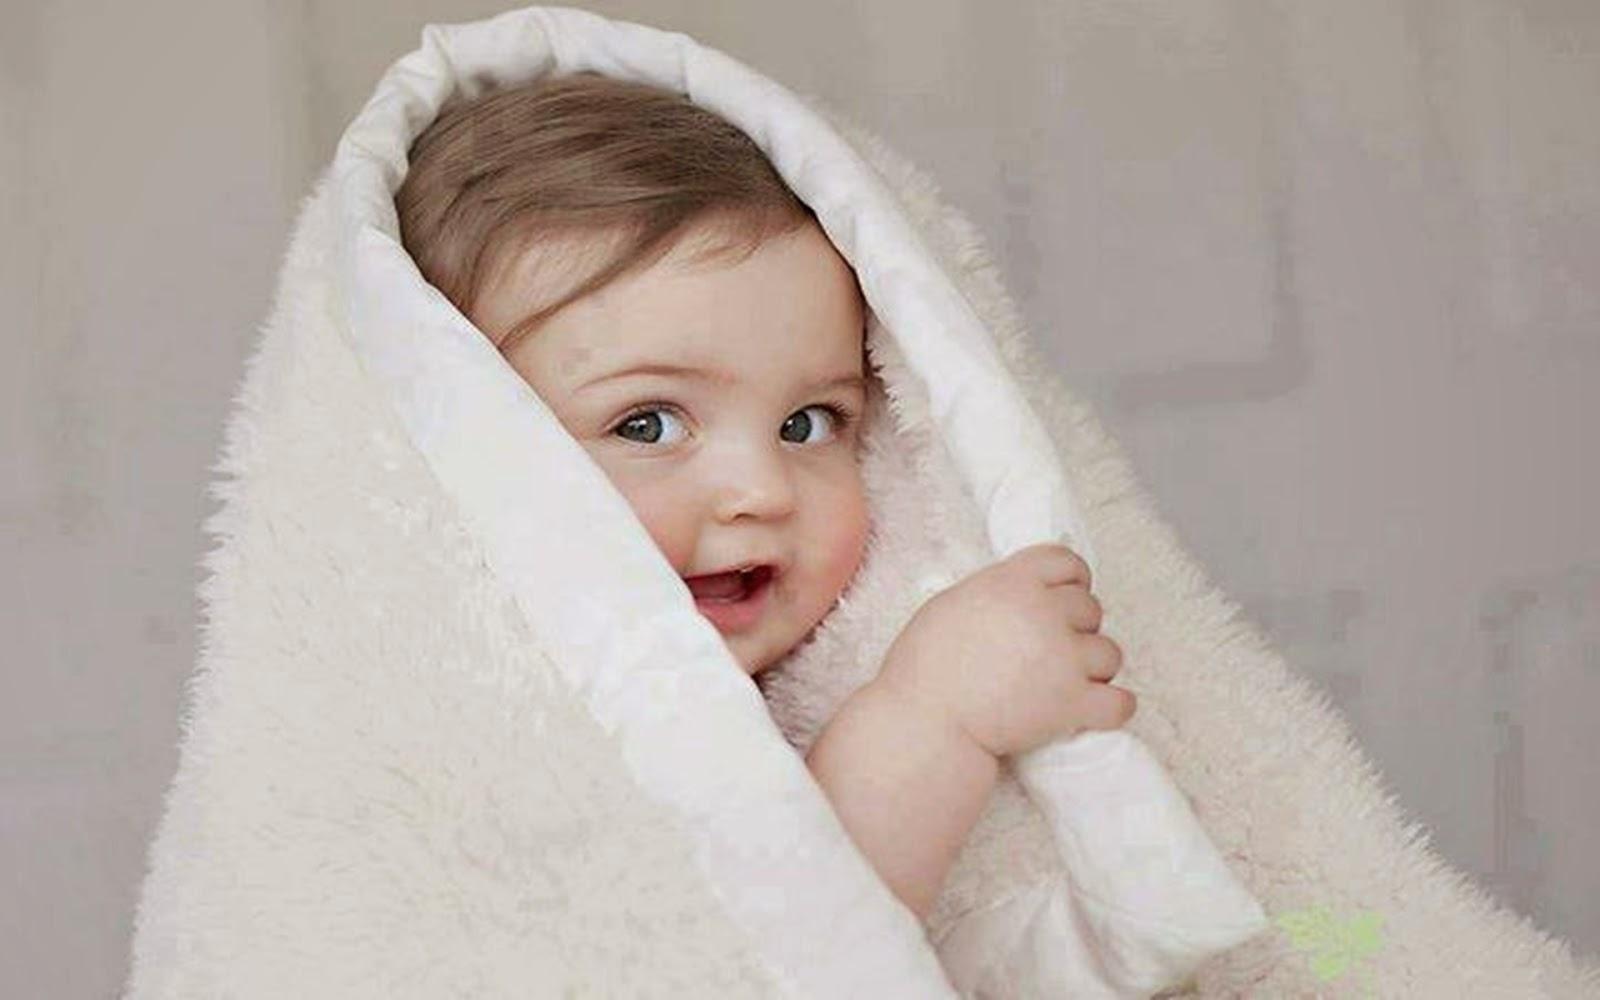 Đứa bé đáng yêu chùm khăn lông